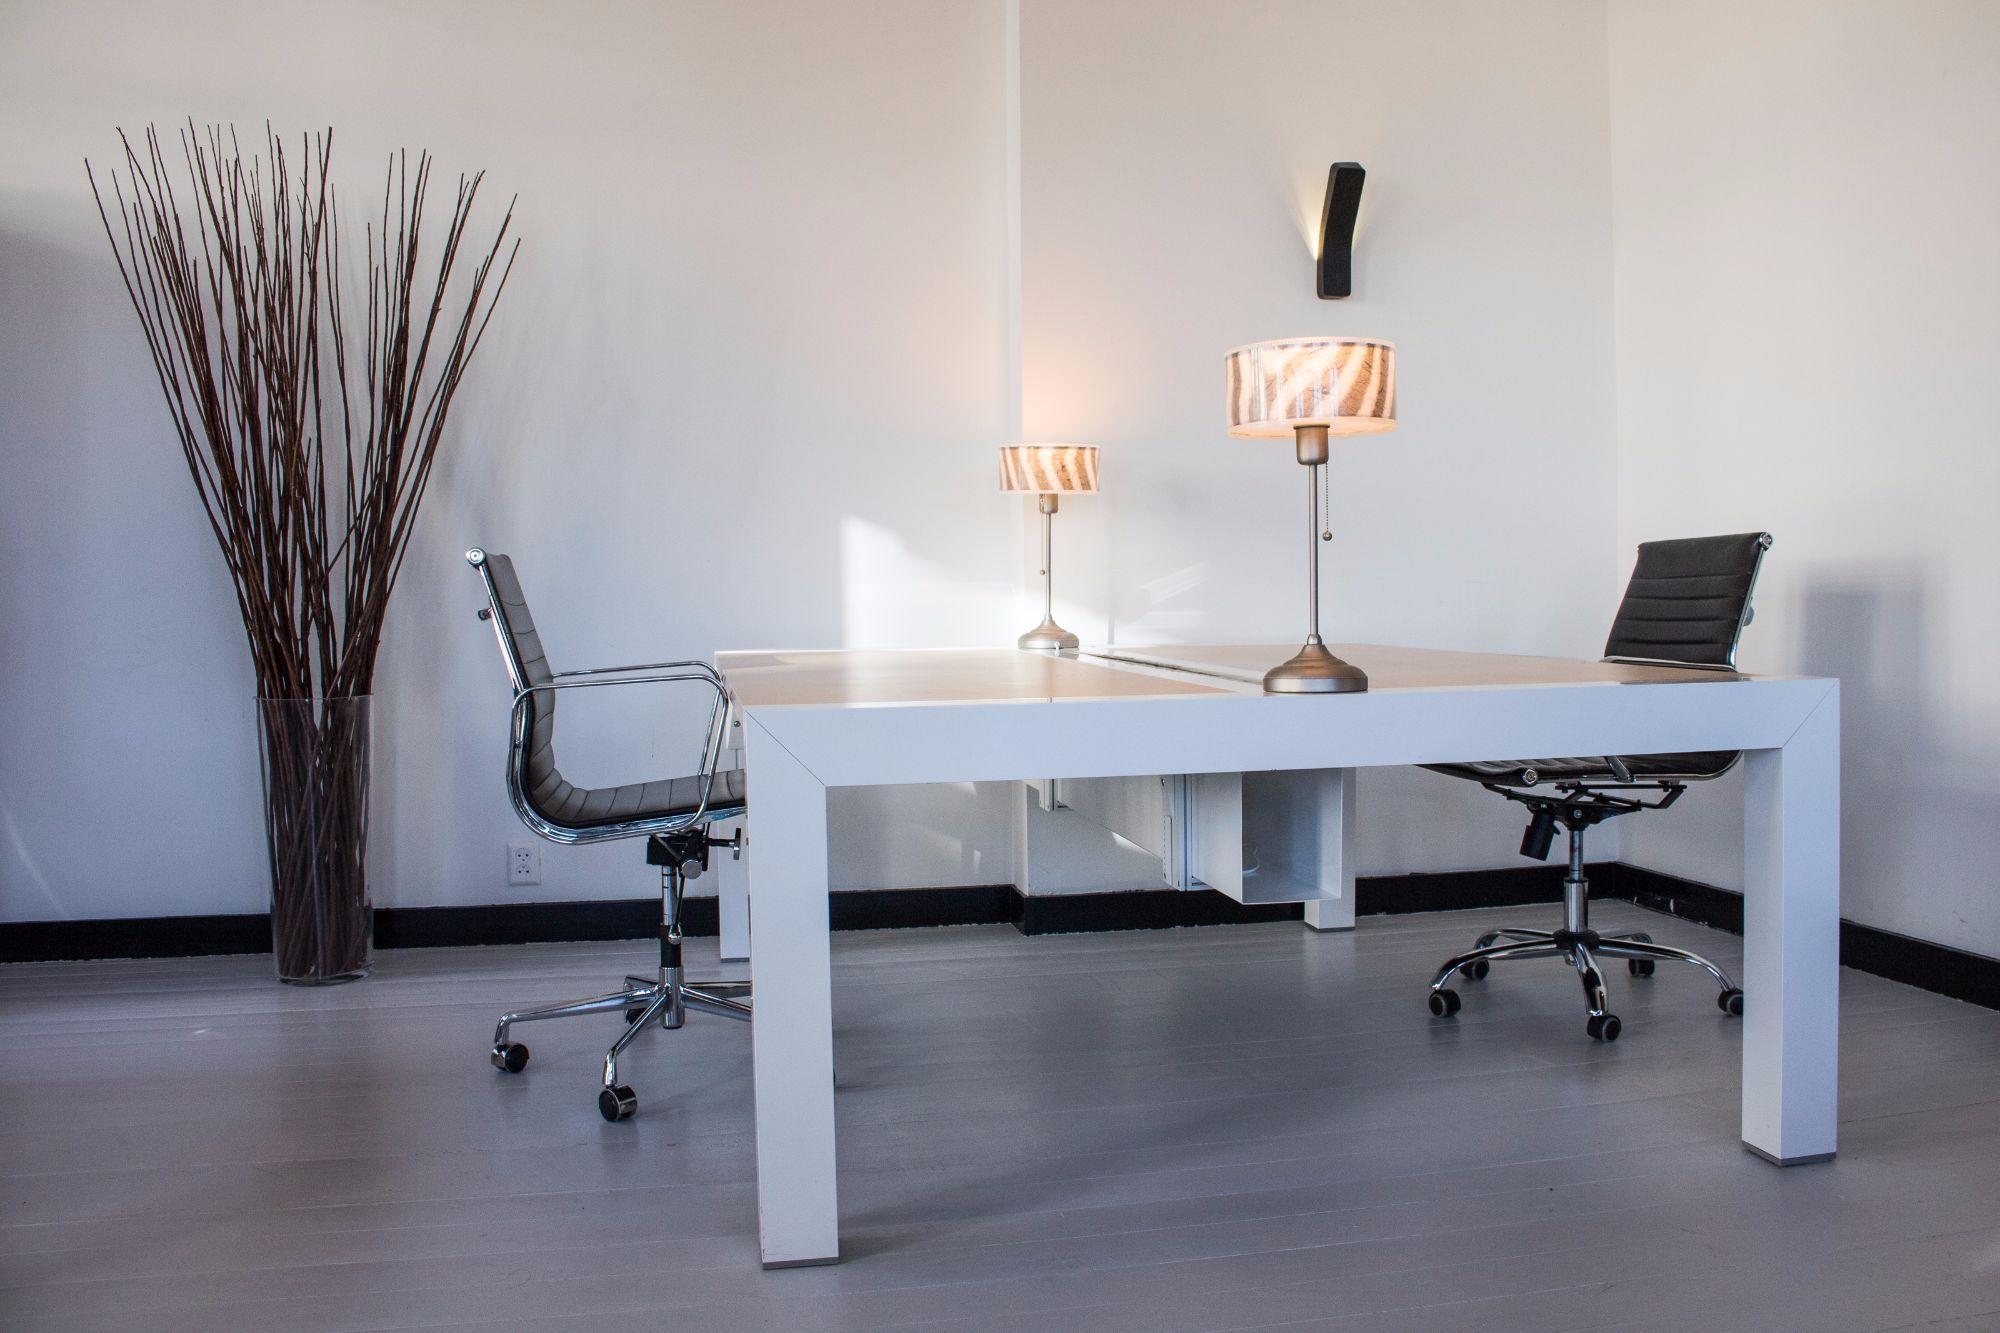 Op zoek naar kantoormeubelen brand new office